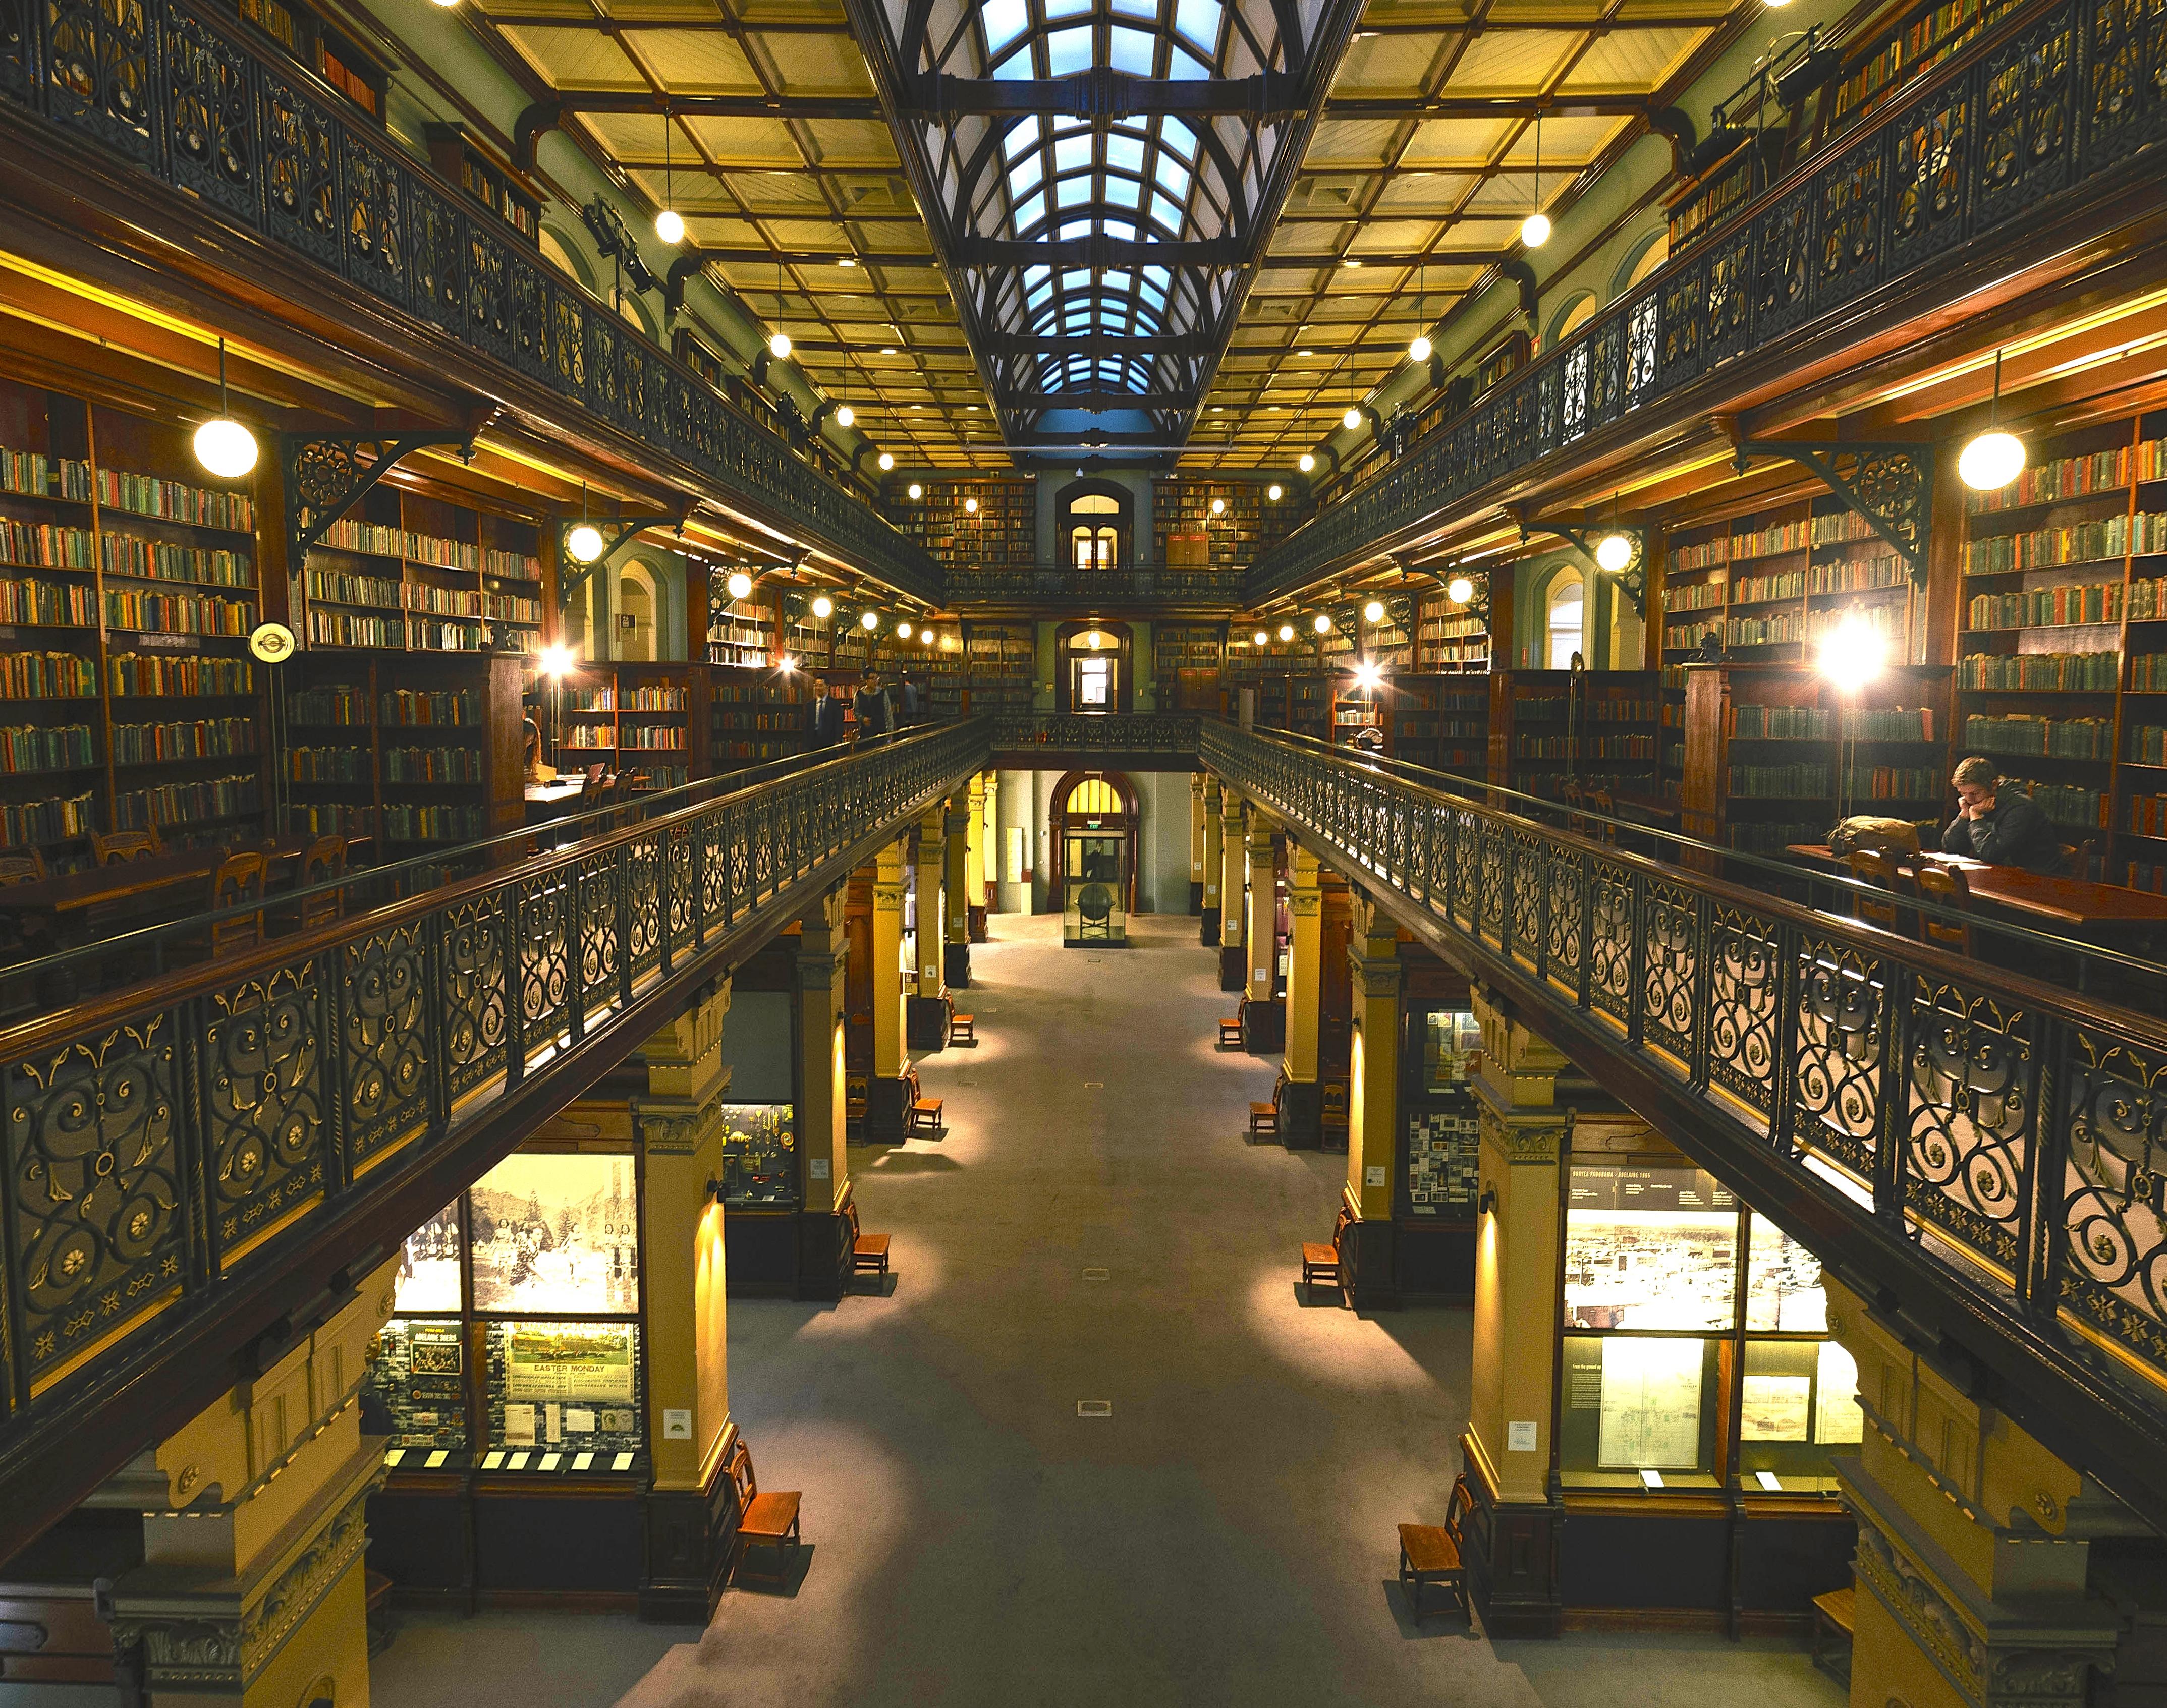 Biblioteca Estadual da Austrália do Sul